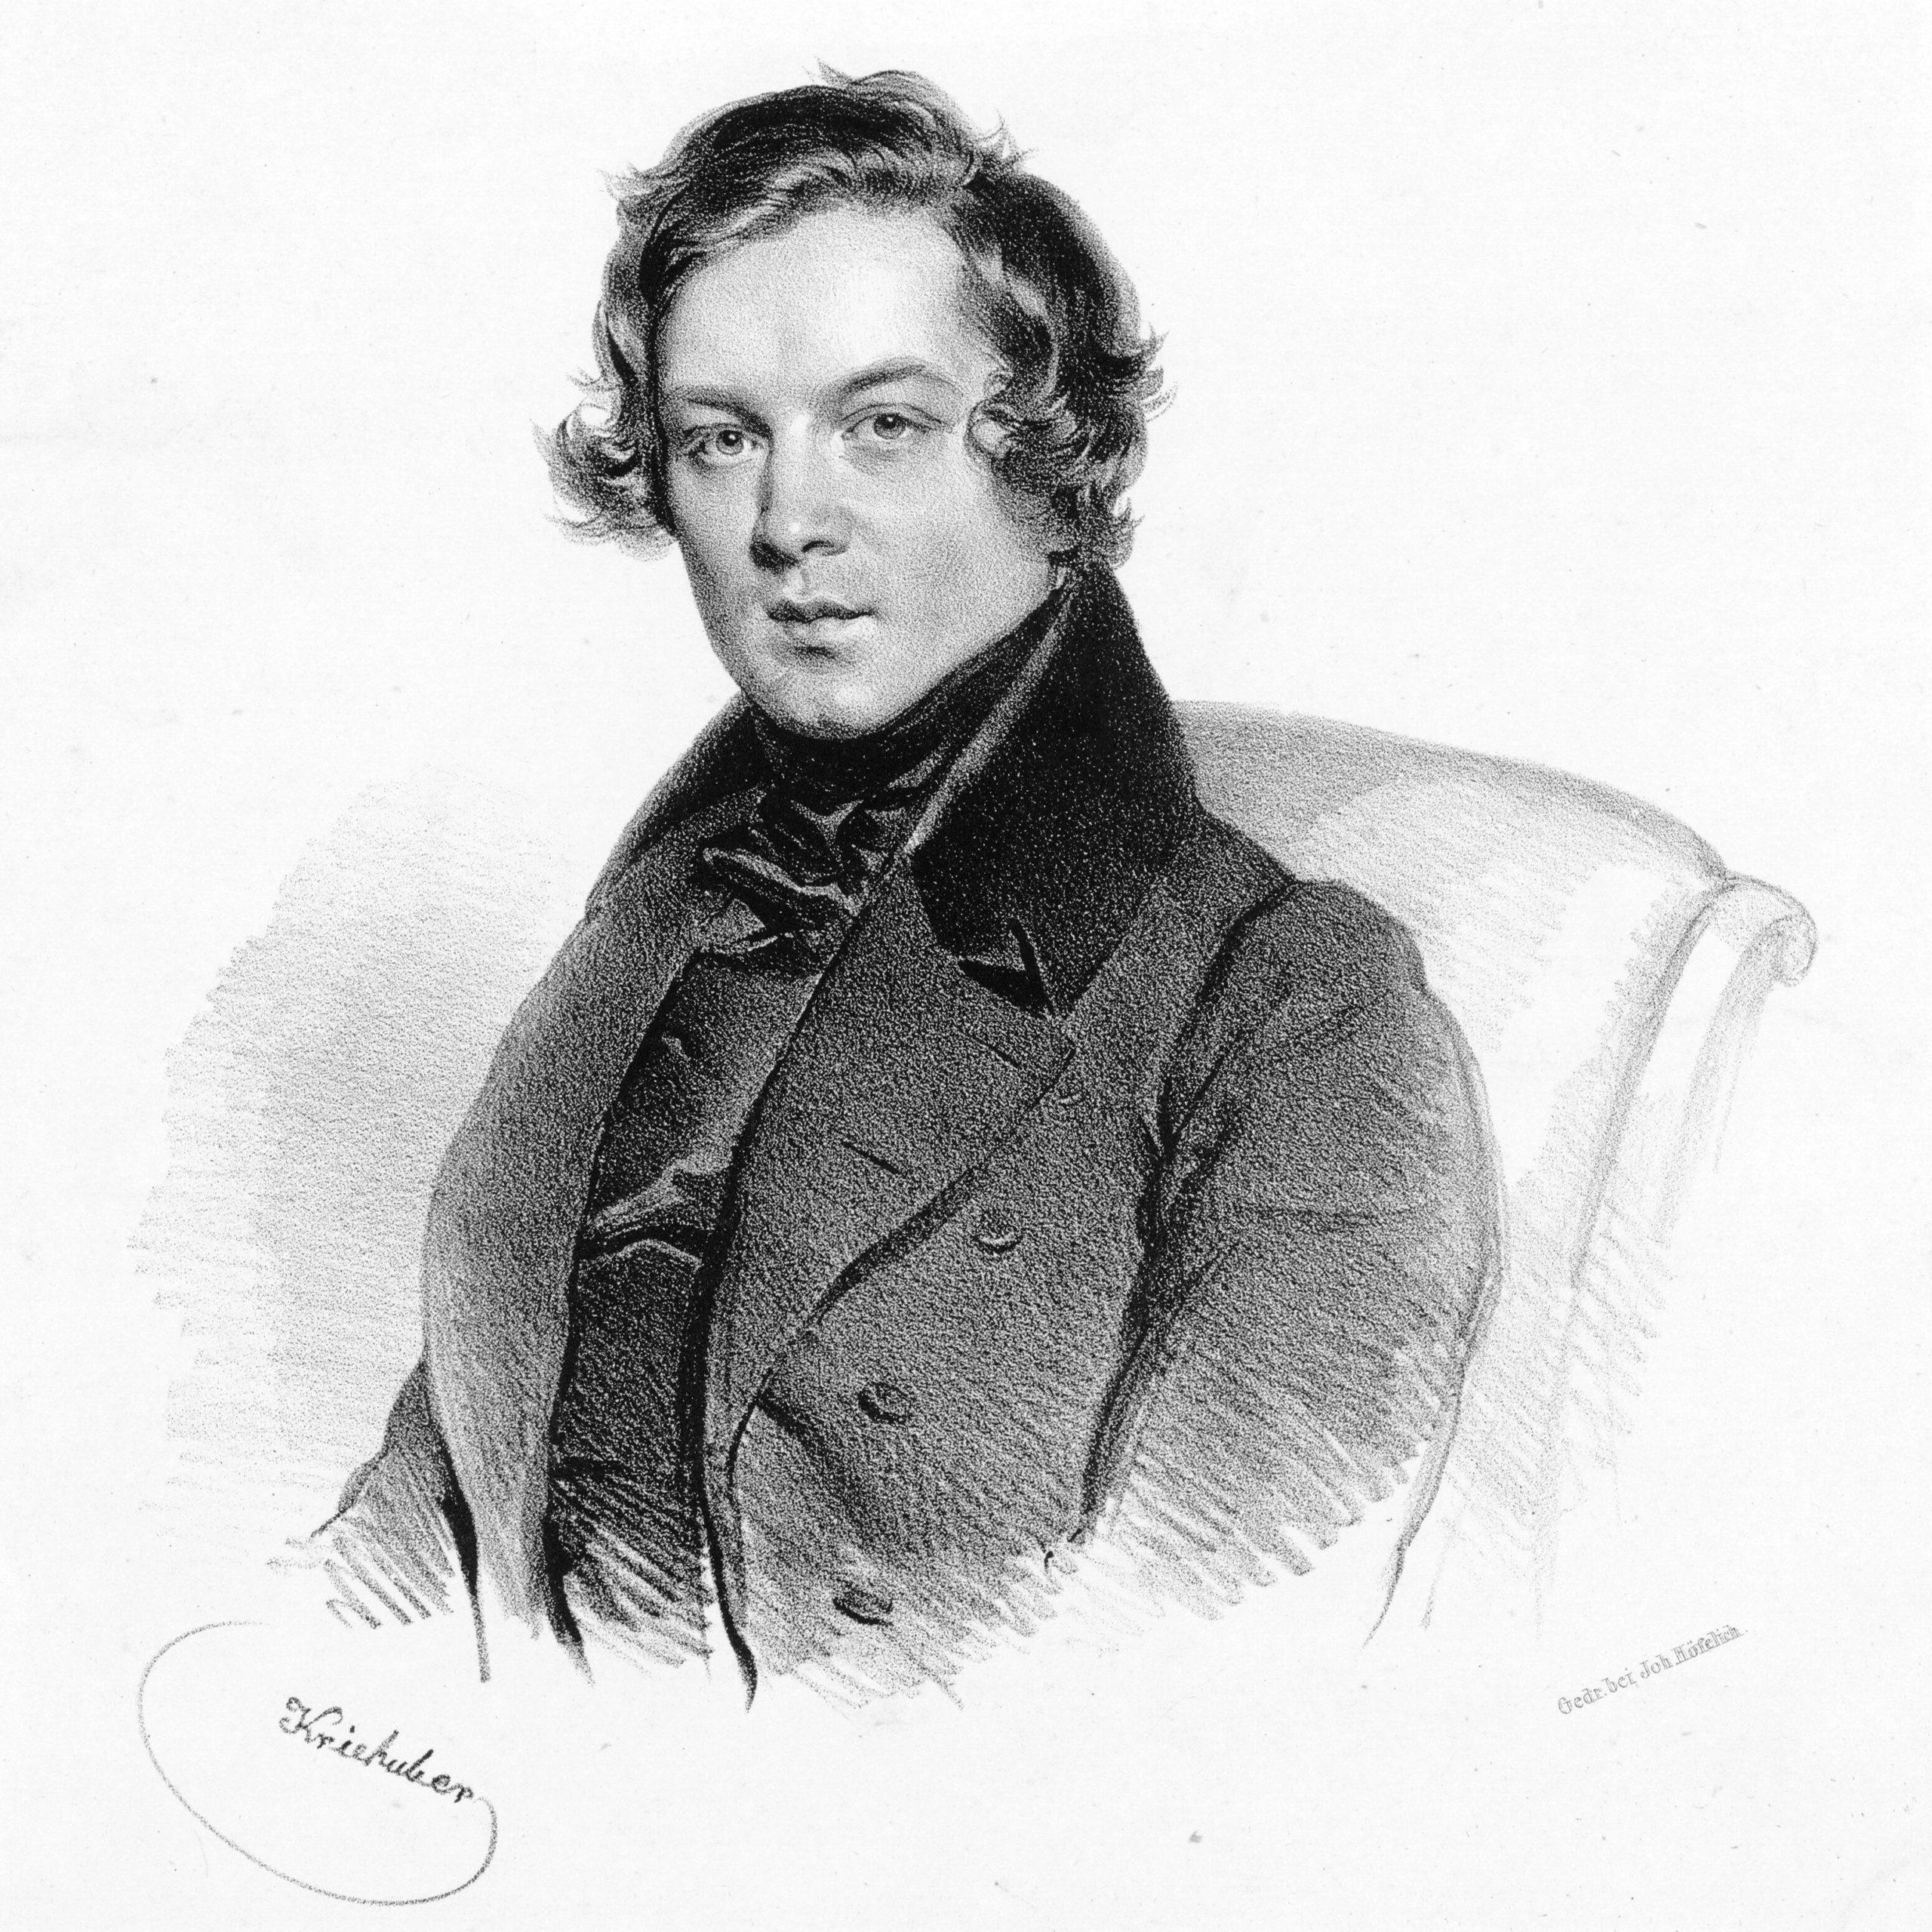 A portrait of the composer Robert Schumann